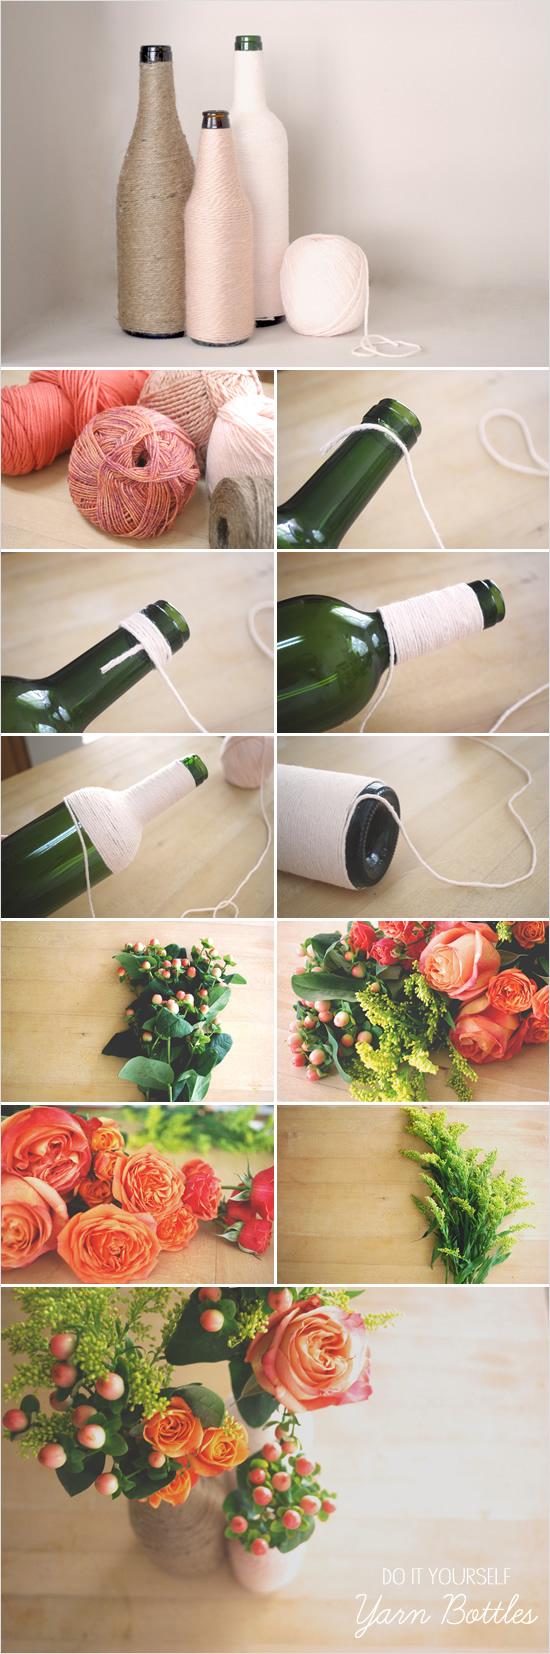 21 Wedding Things to DIY Instead of Buy - Yarn Wrapped Bottles